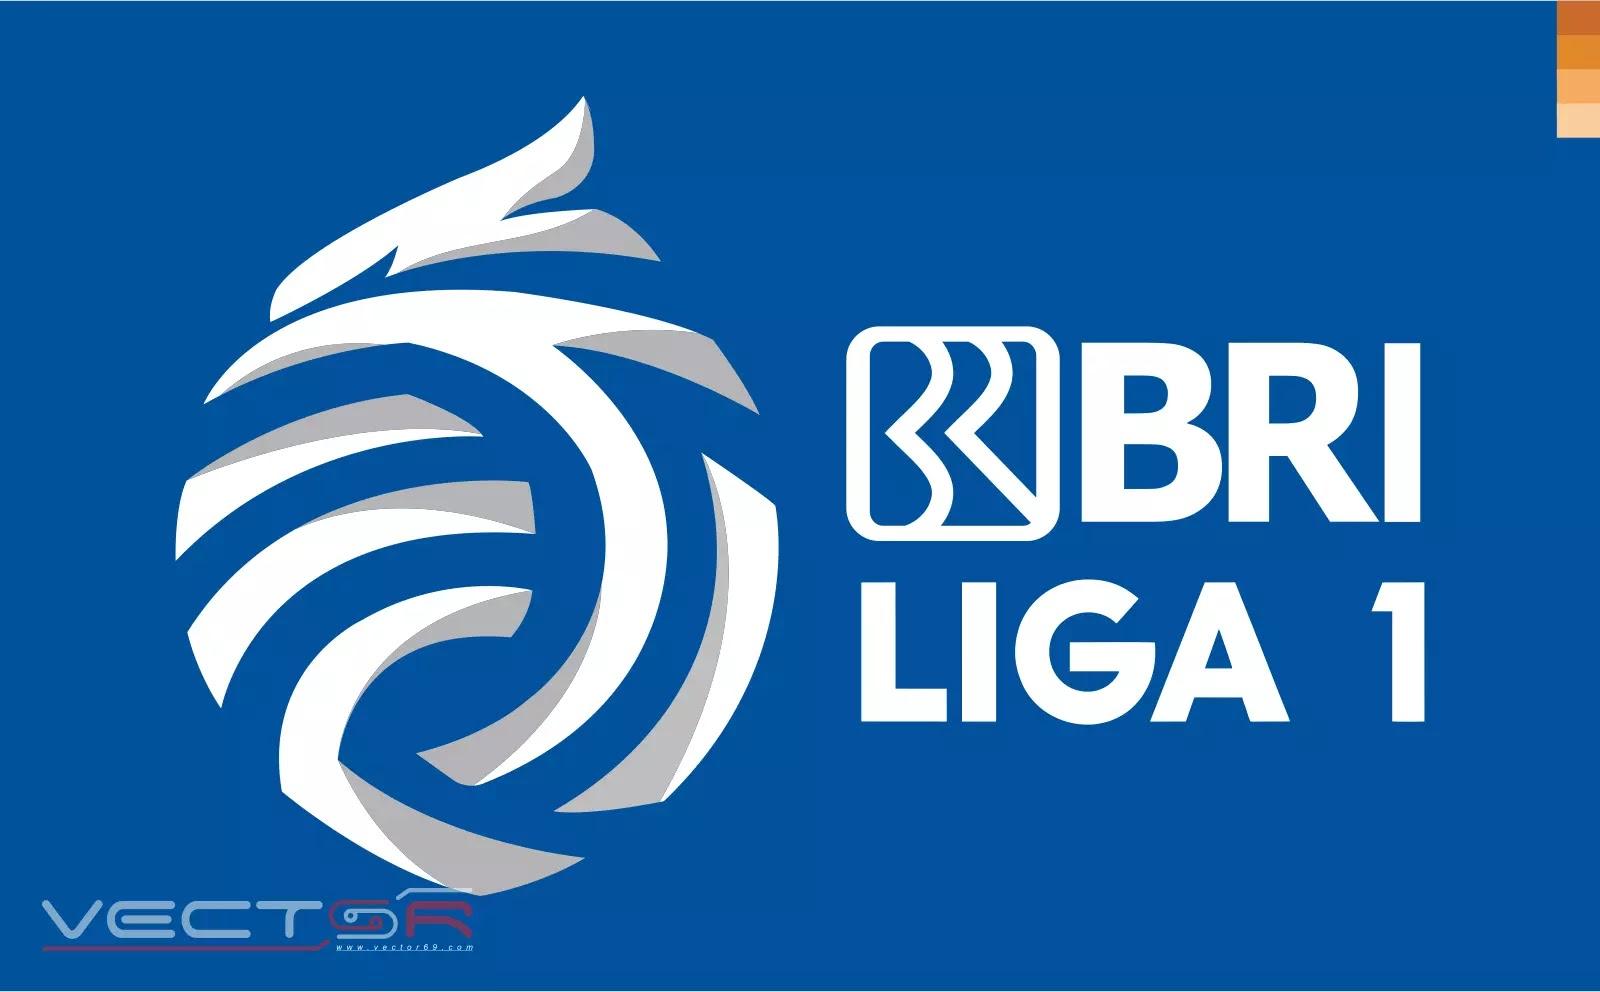 BRI Liga 1 Indonesia Secondary Logo - Download Vector File AI (Adobe Illustrator)